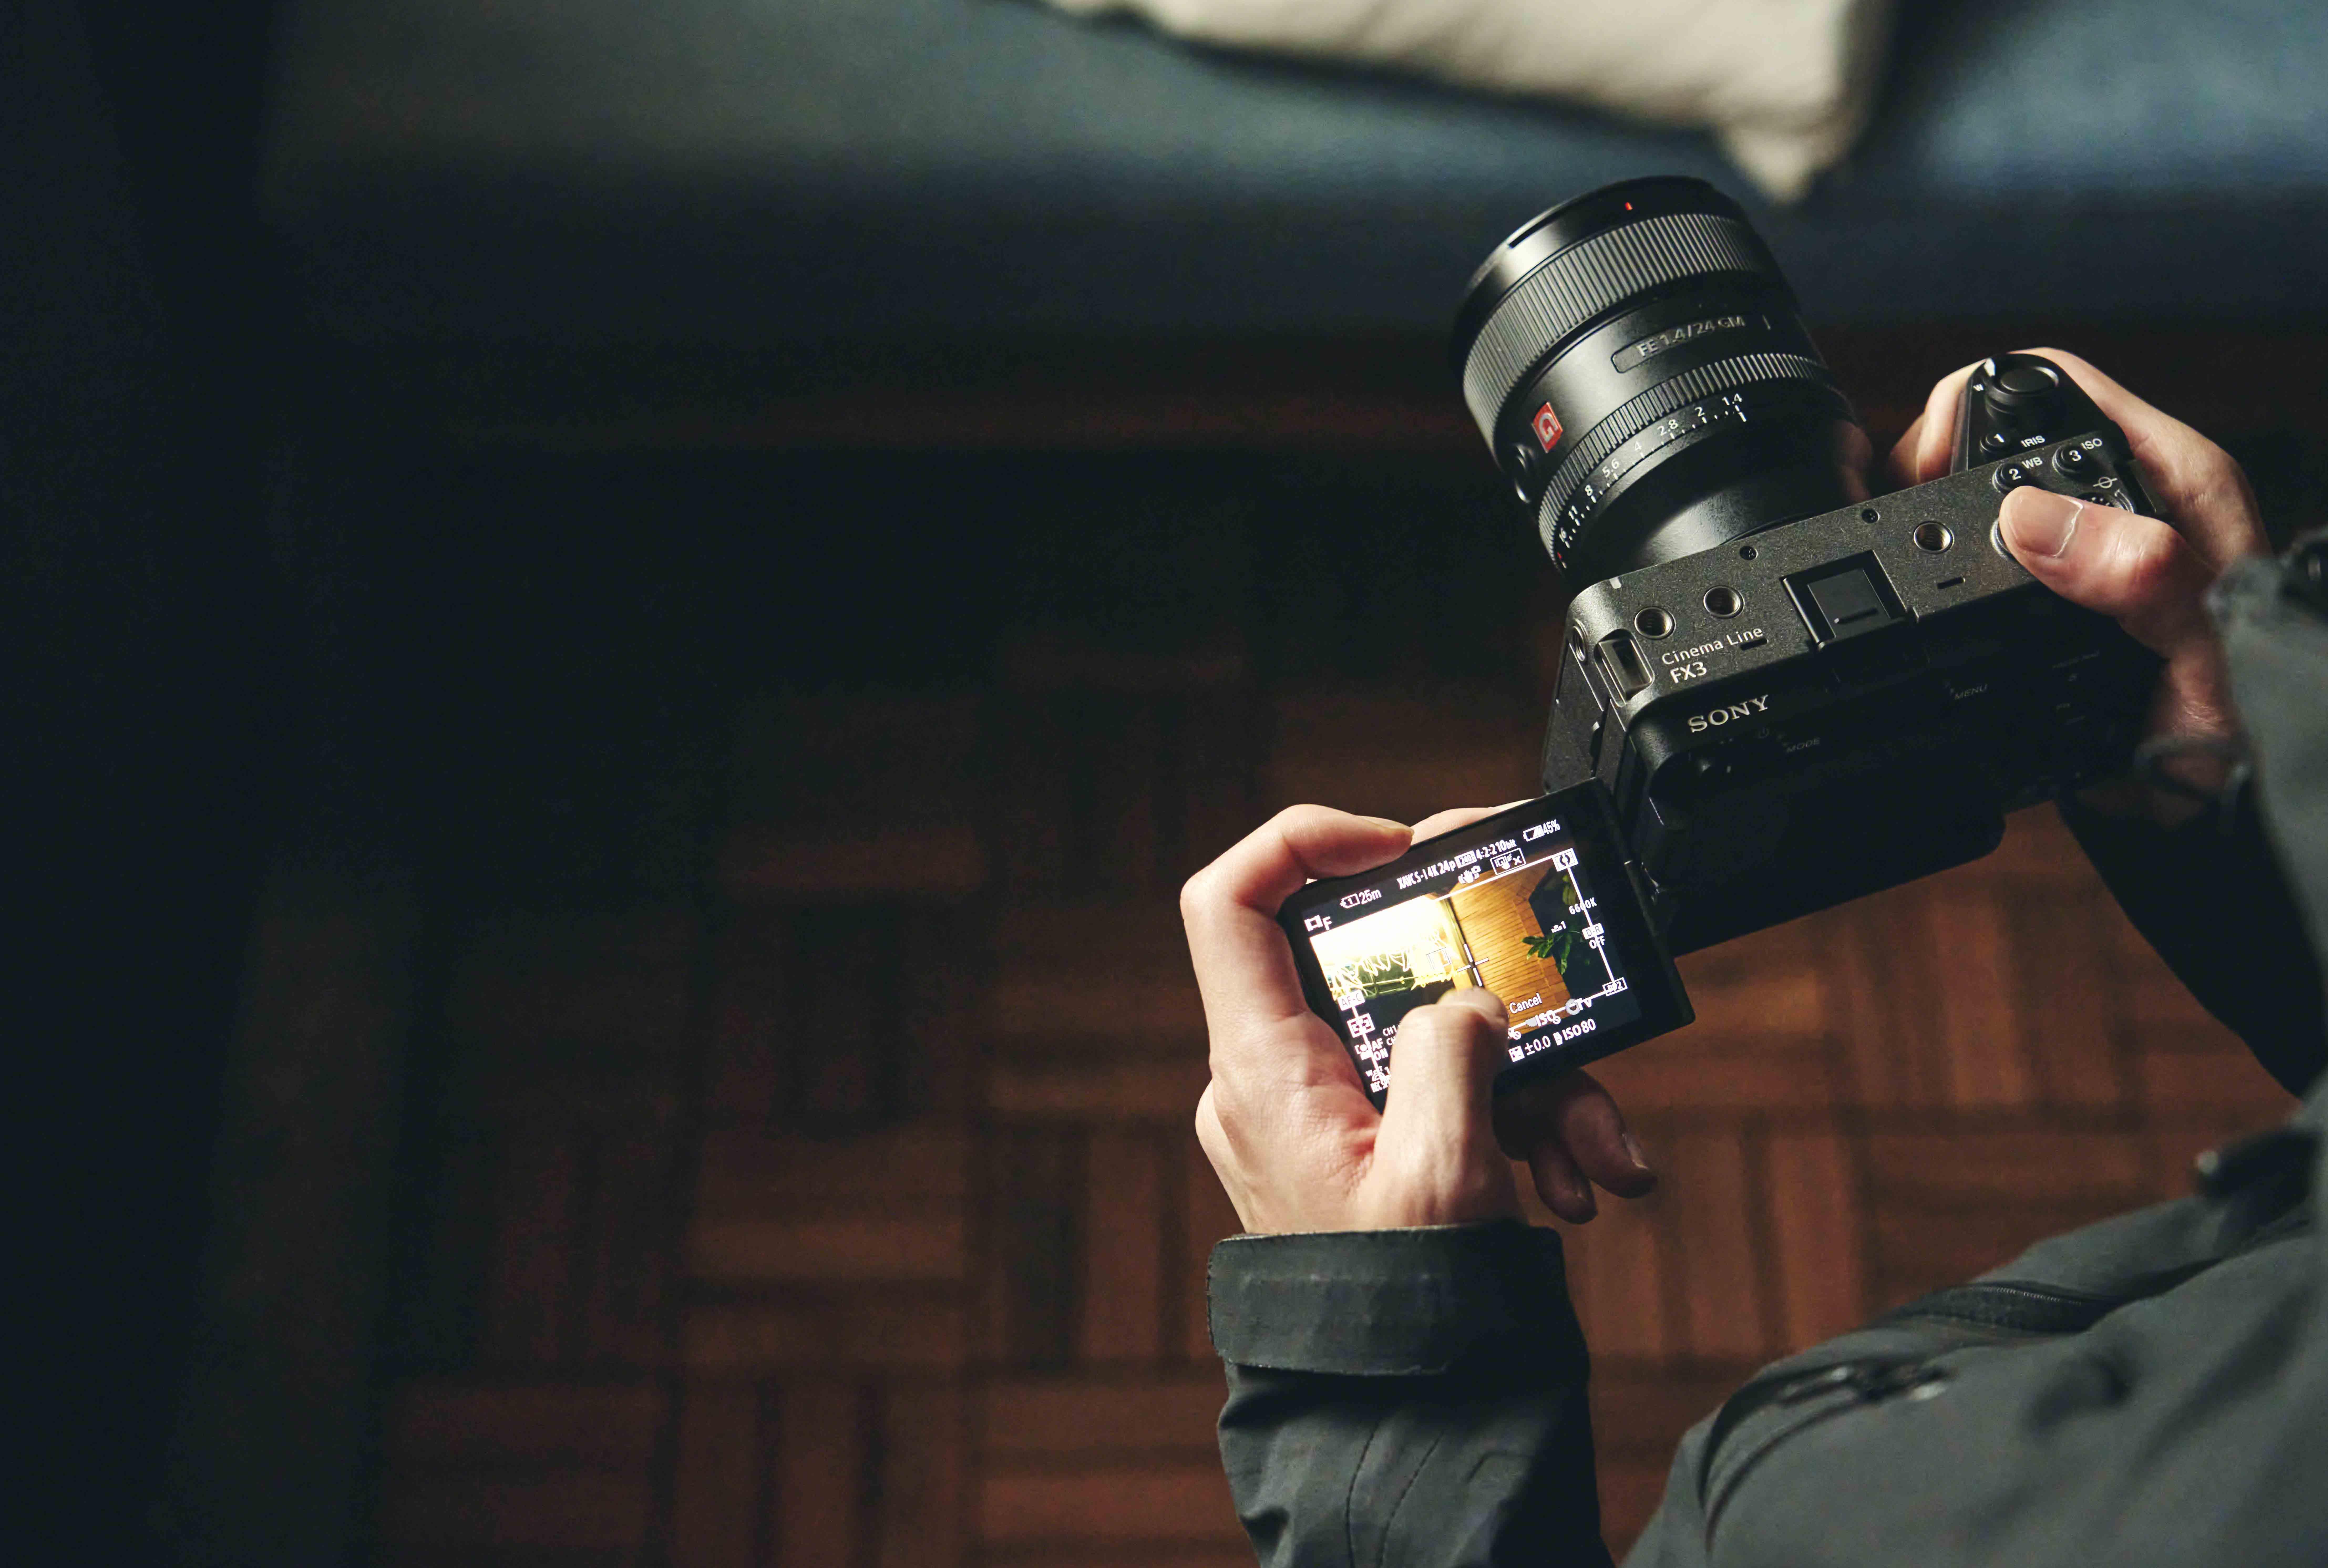 Sony FX3 採用高速混合式自動對焦系統,配備即時眼部偵測自動對焦與觸控追蹤